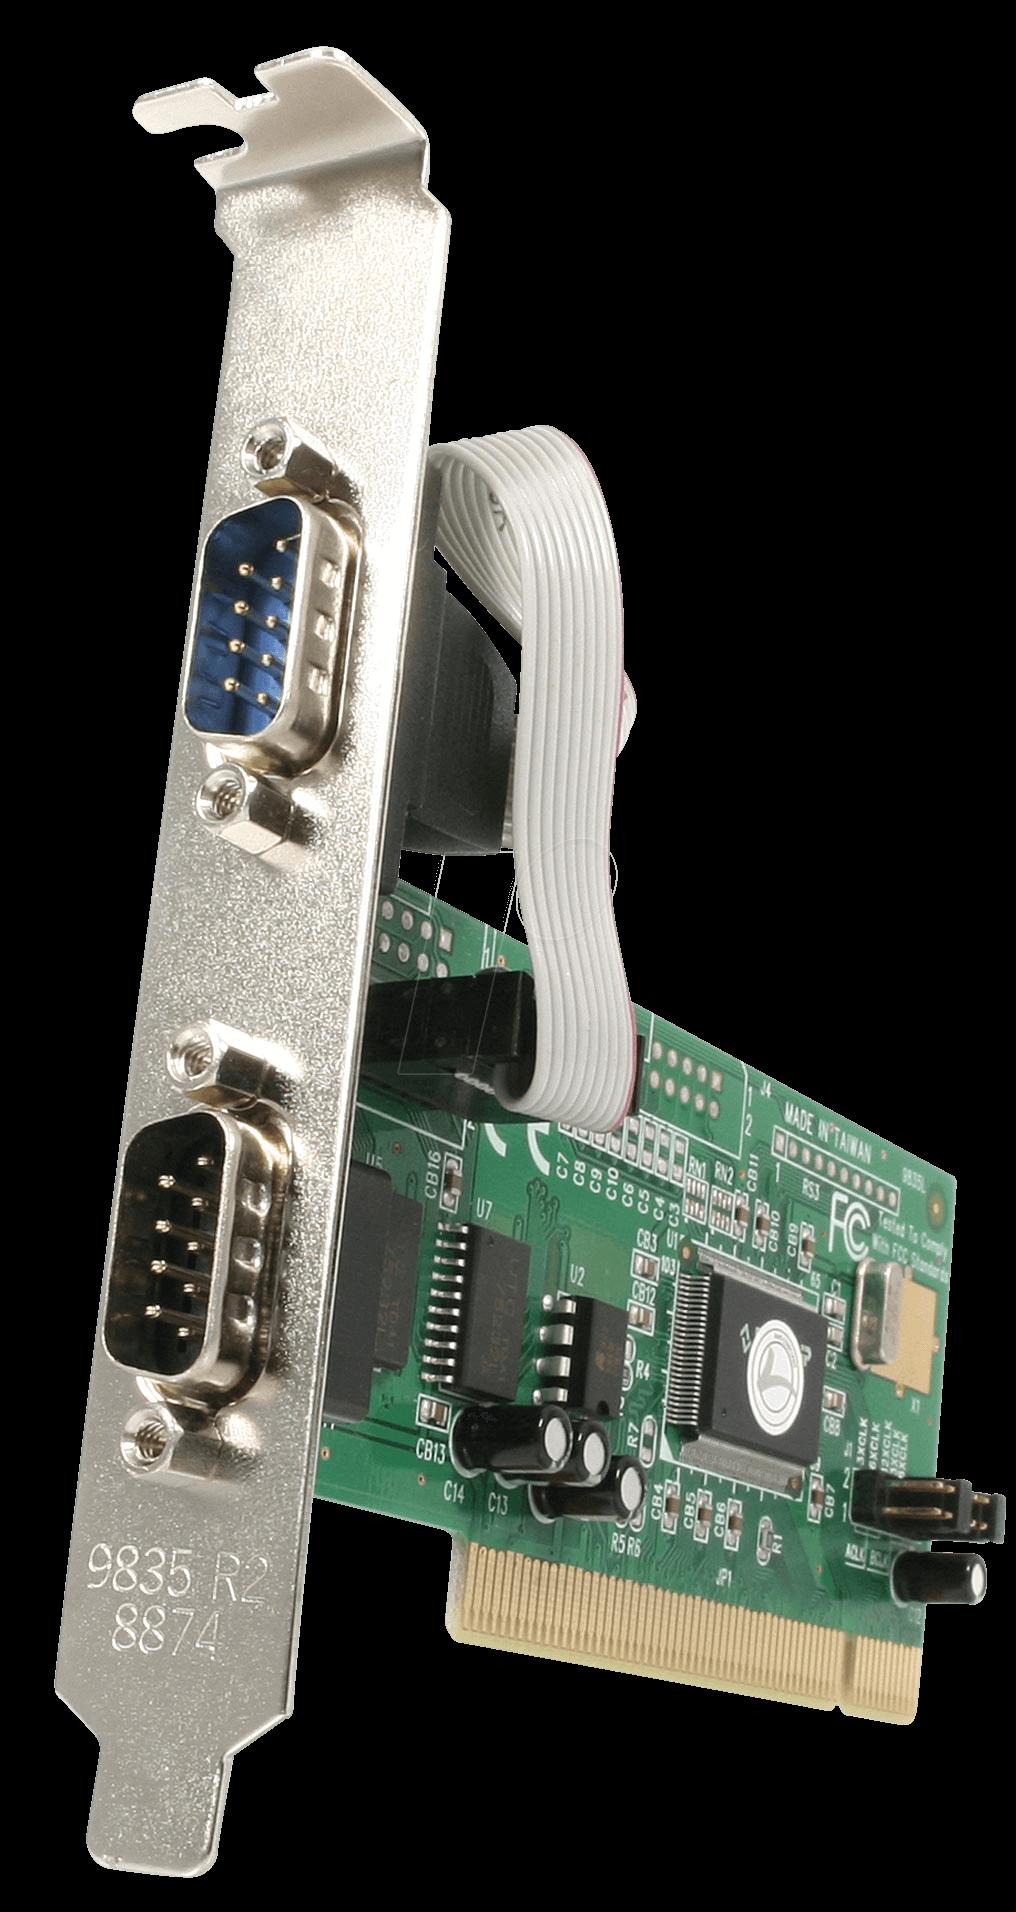 https://cdn-reichelt.de/bilder/web/xxl_ws/E910/PCI2S550_04.png